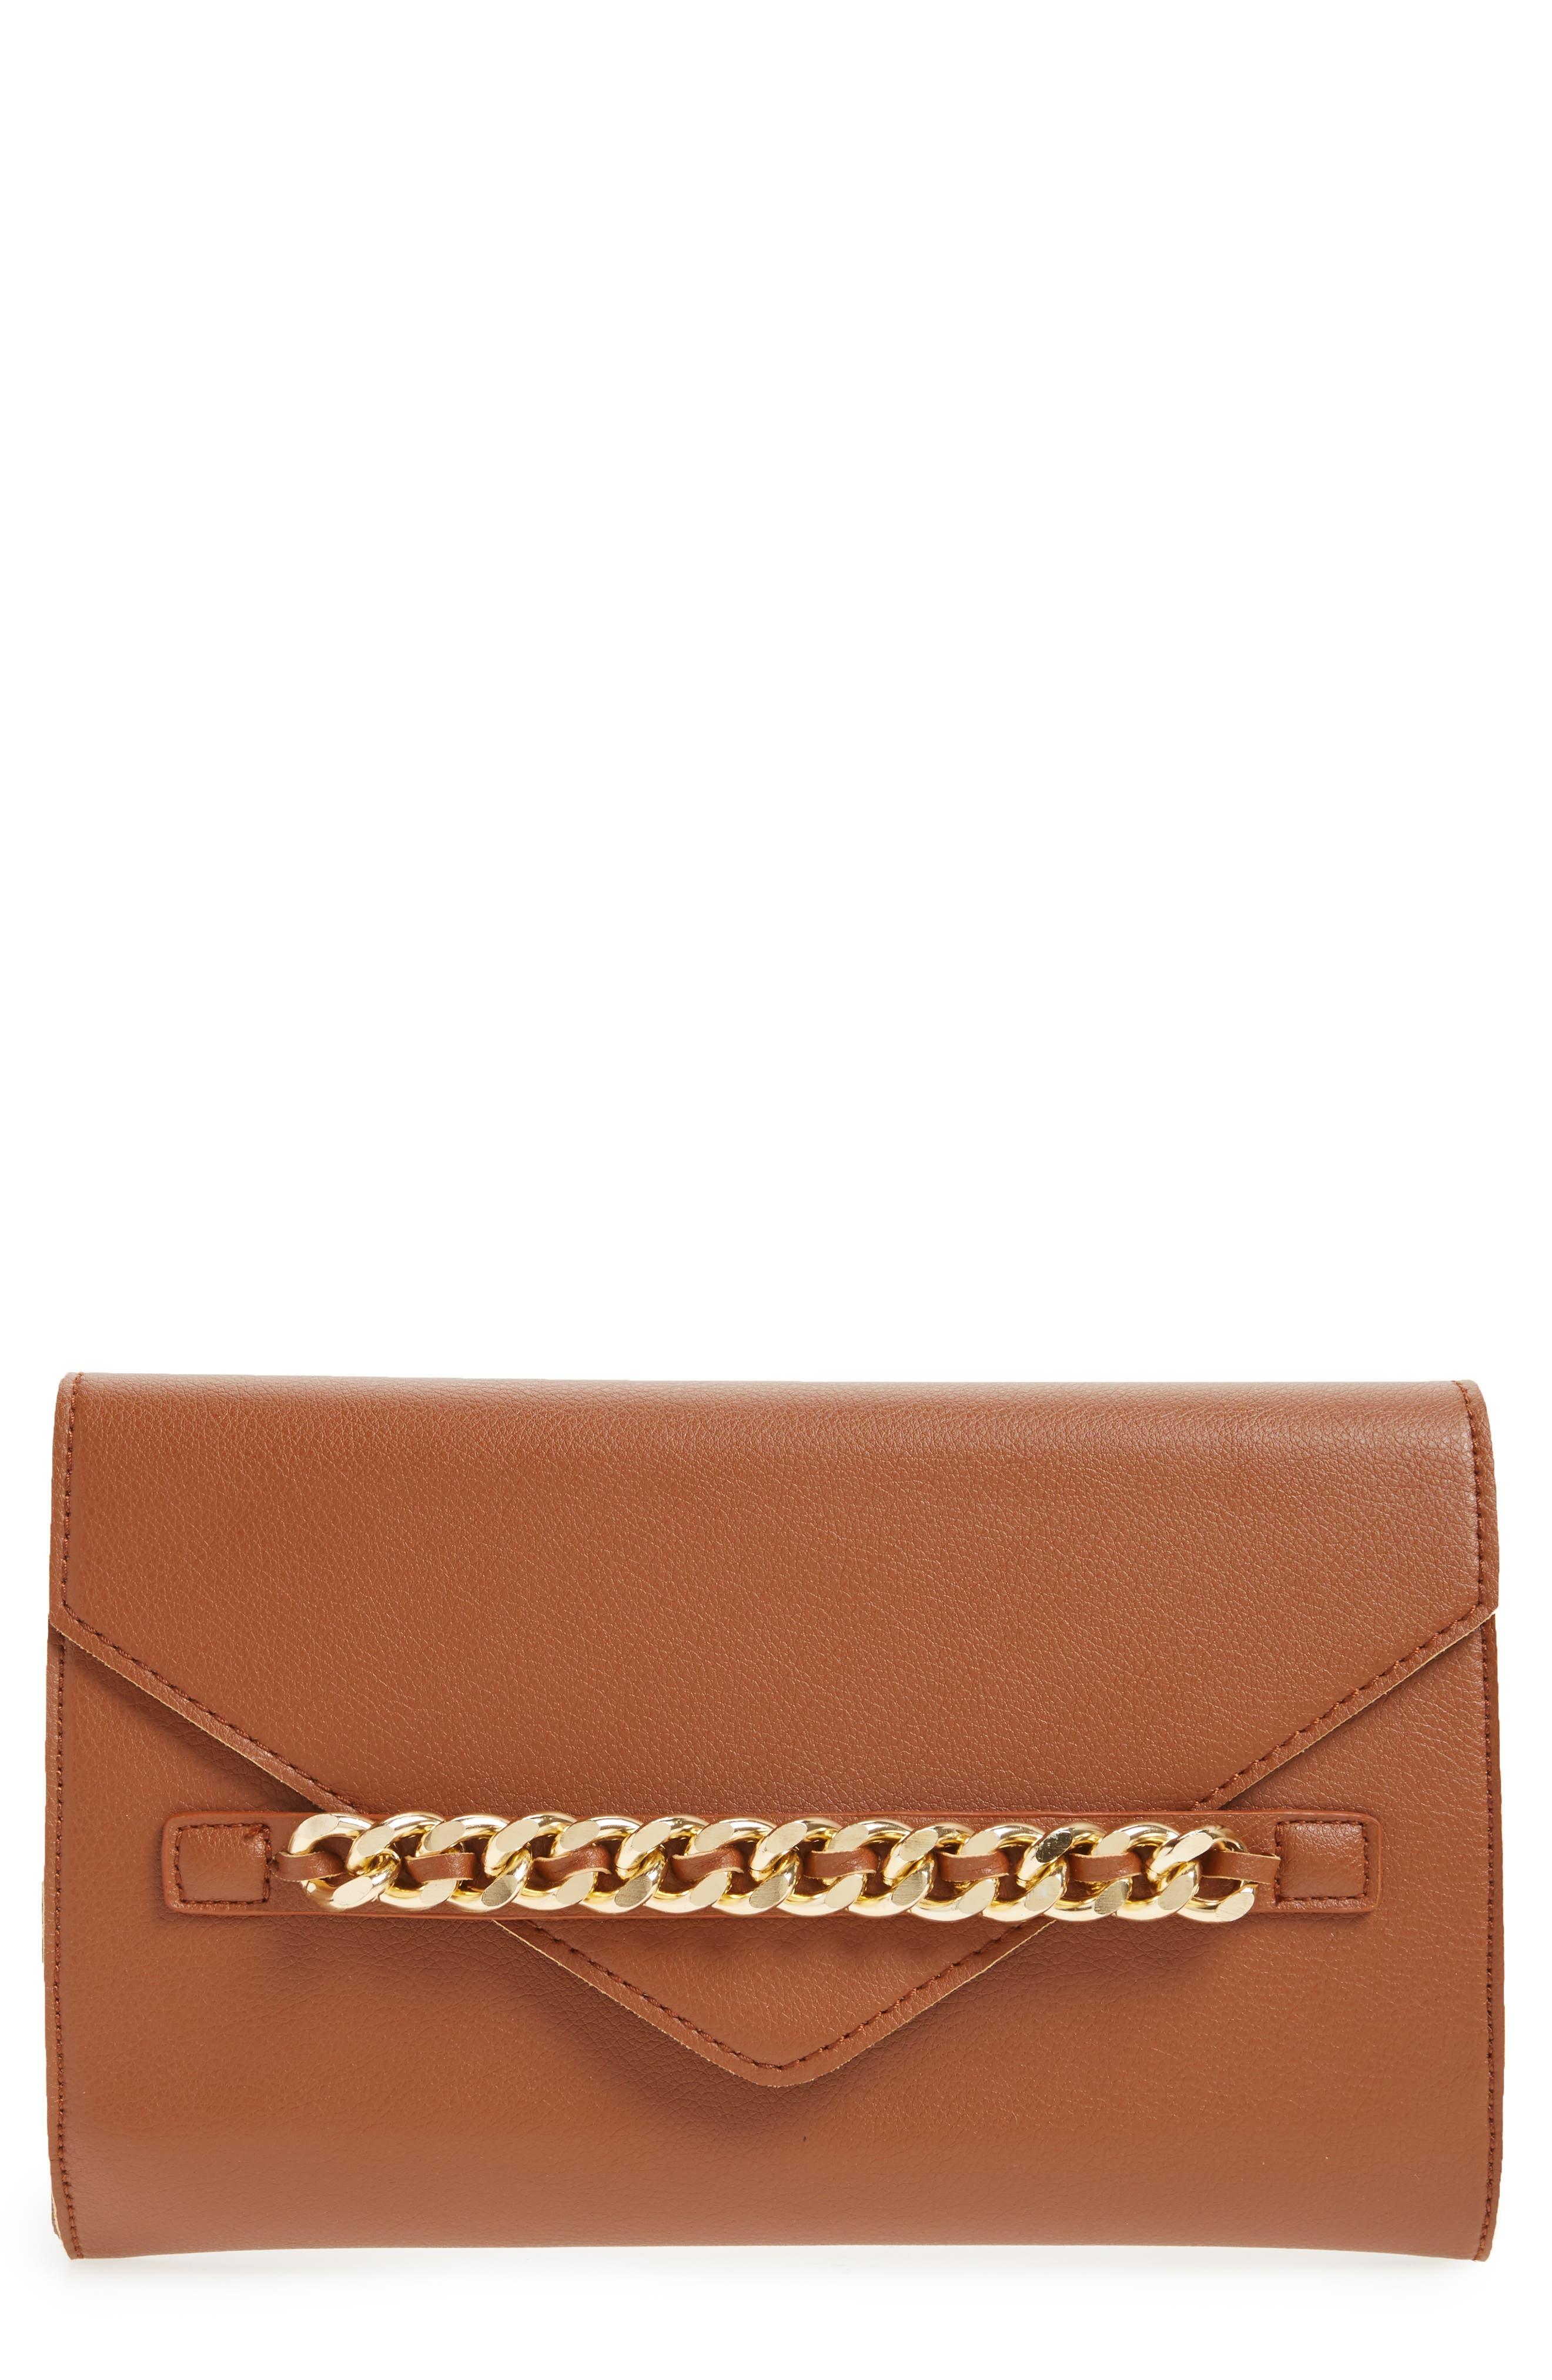 Chain Faux Leather Envelope Clutch,                             Main thumbnail 1, color,                             200